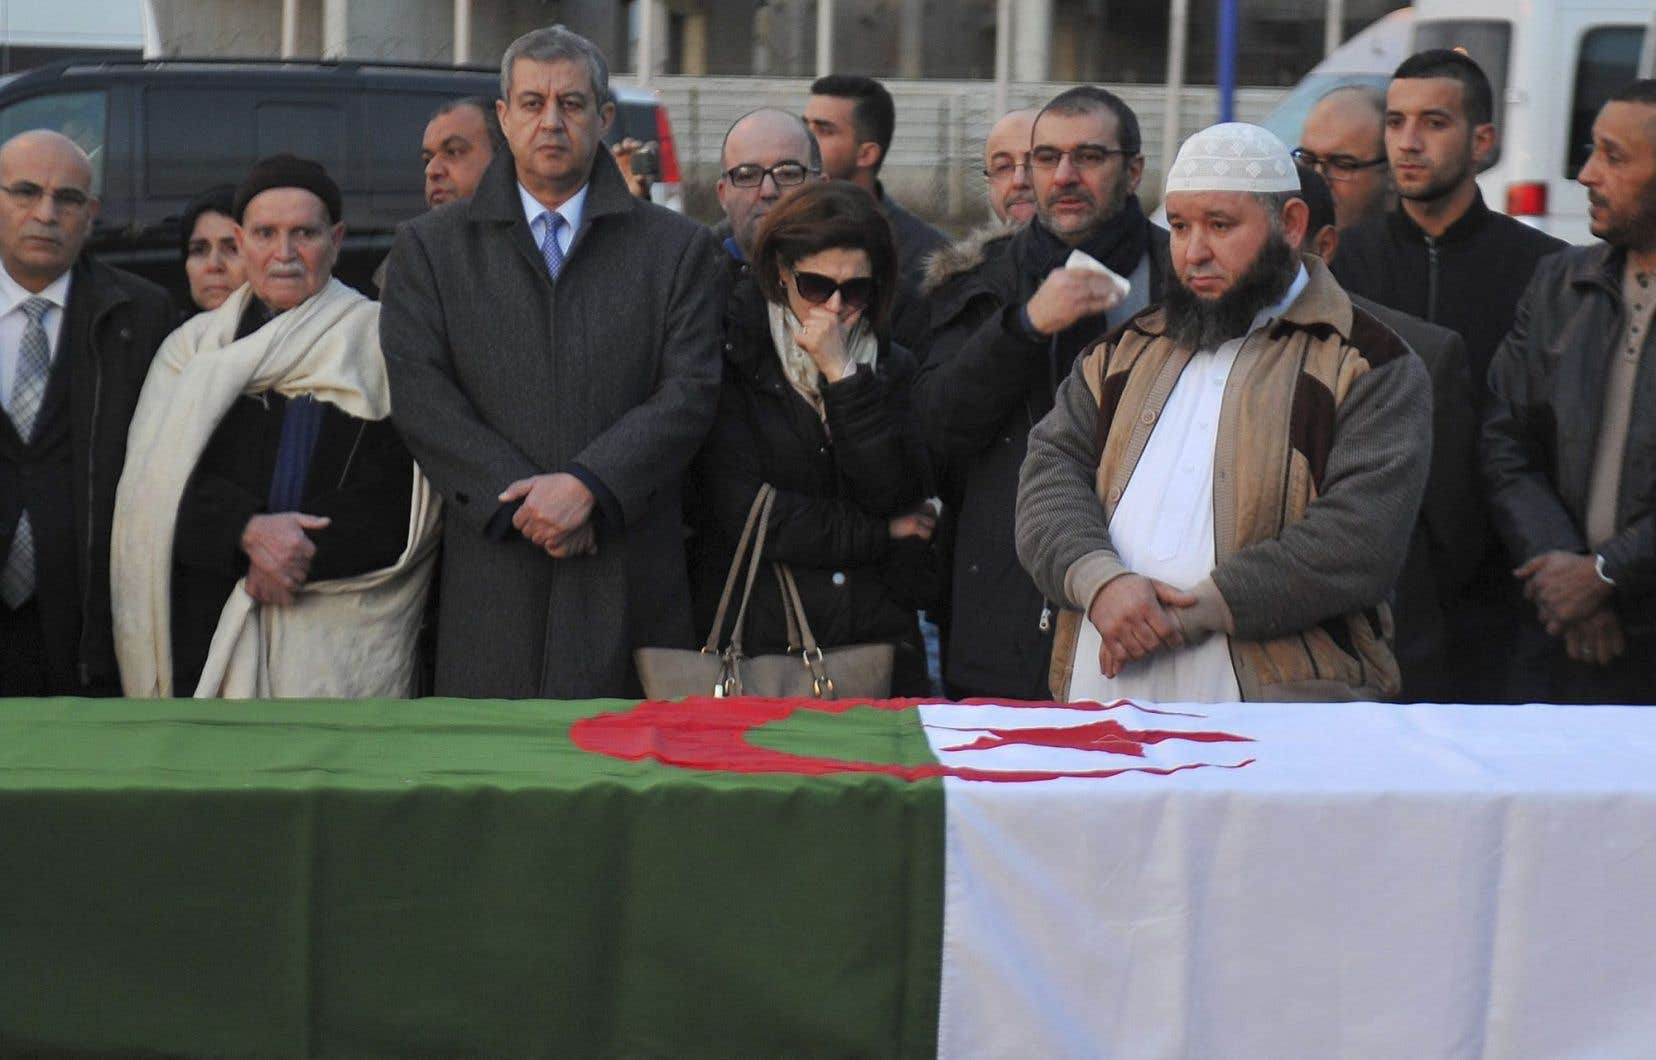 Le corps d'Abdelkrim Hassane, victime de l'attentat de Québec, a été répatrié en Algérie le 4 février.